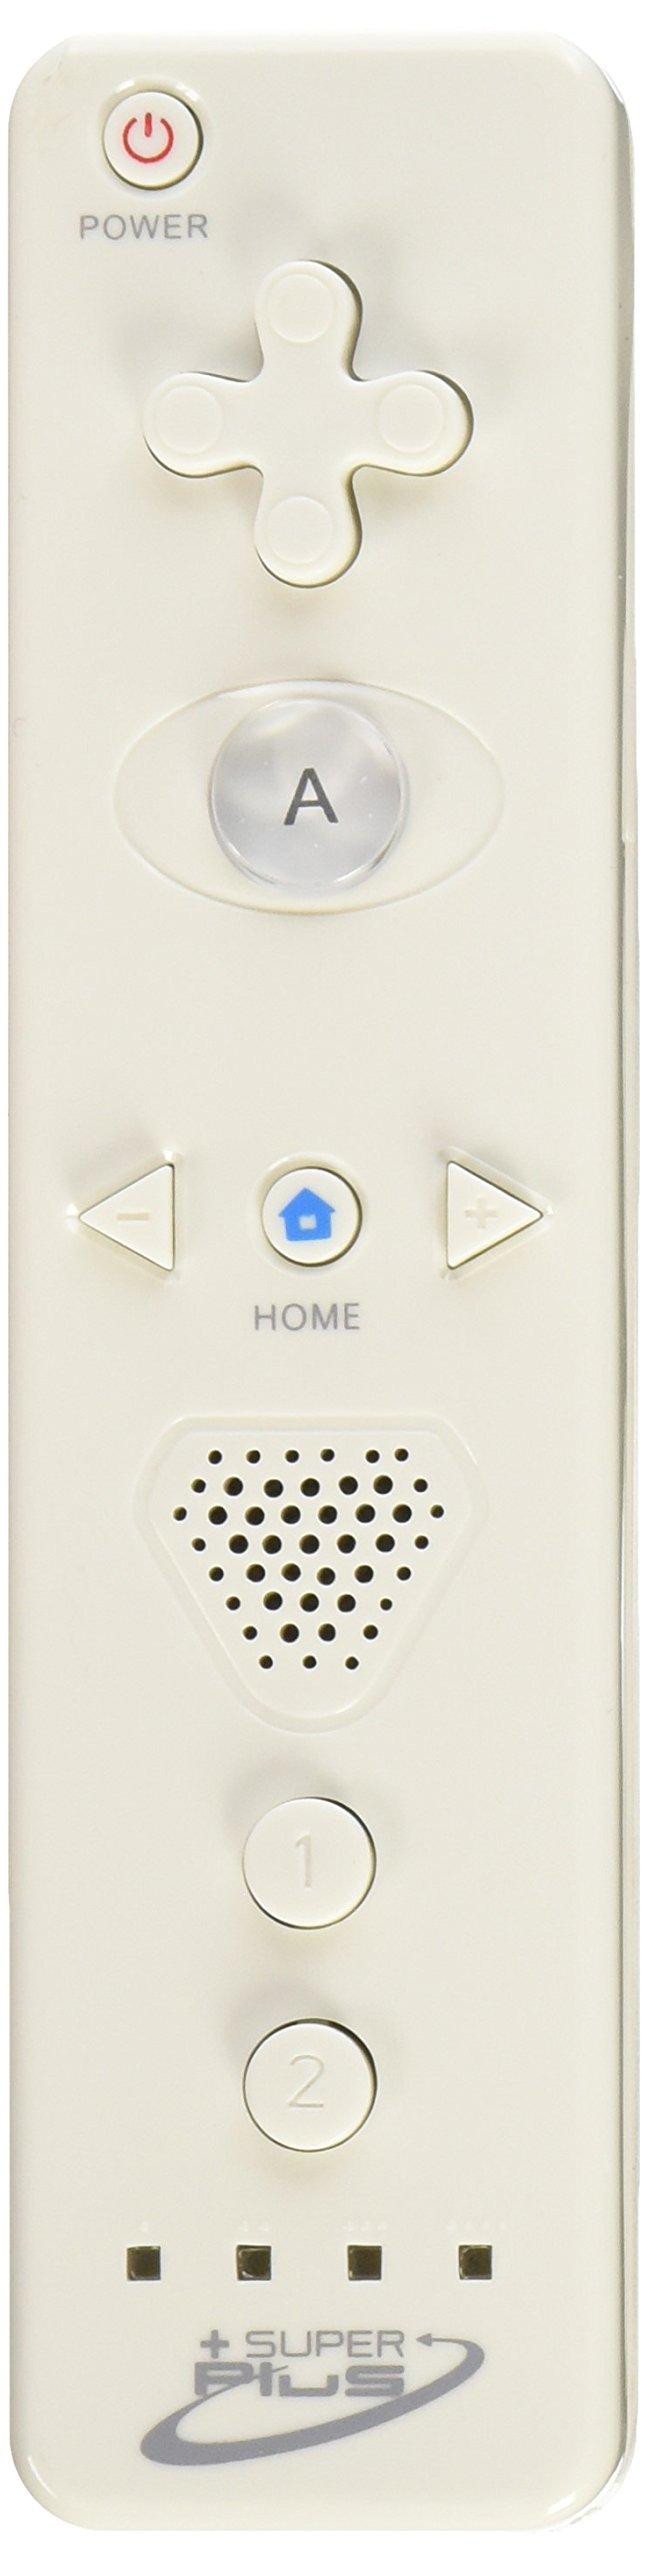 Tomee Super Plus Wireless Remote - White